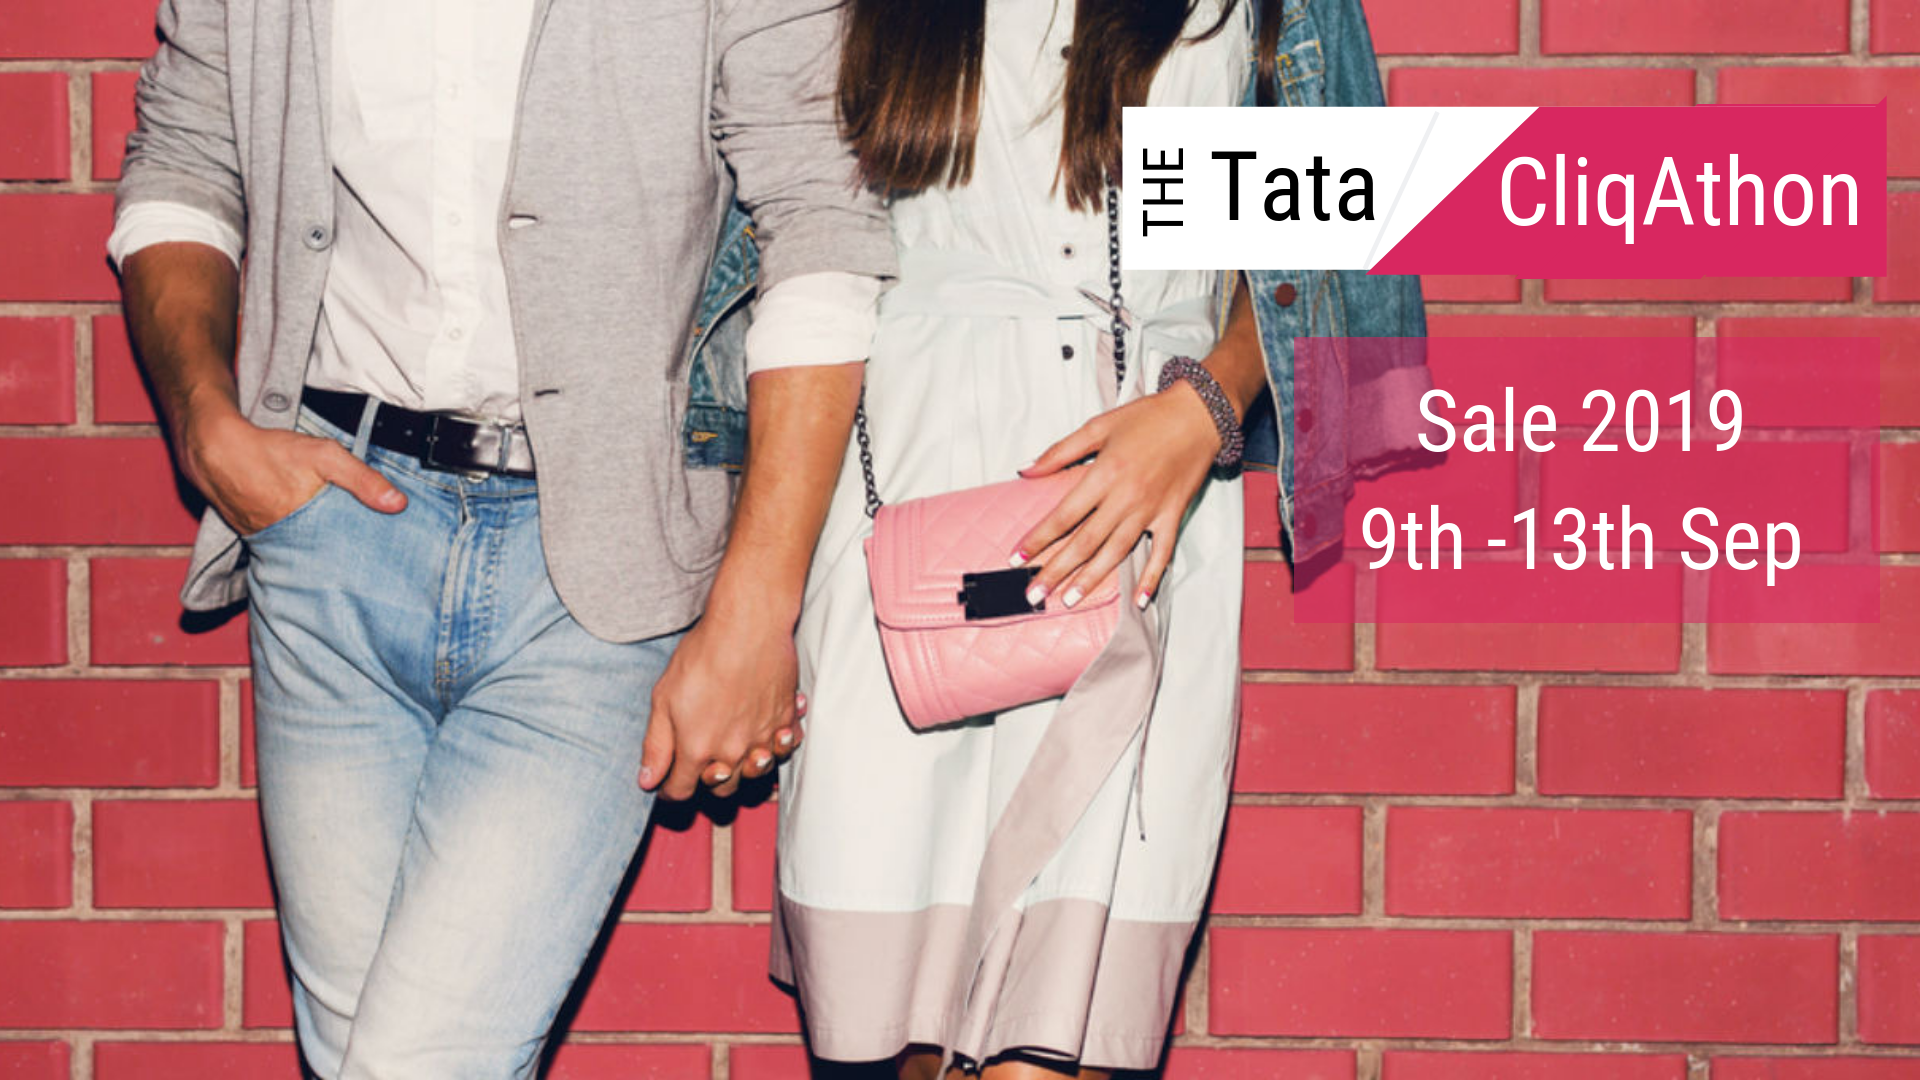 tata-cliqAthon-sale-2019